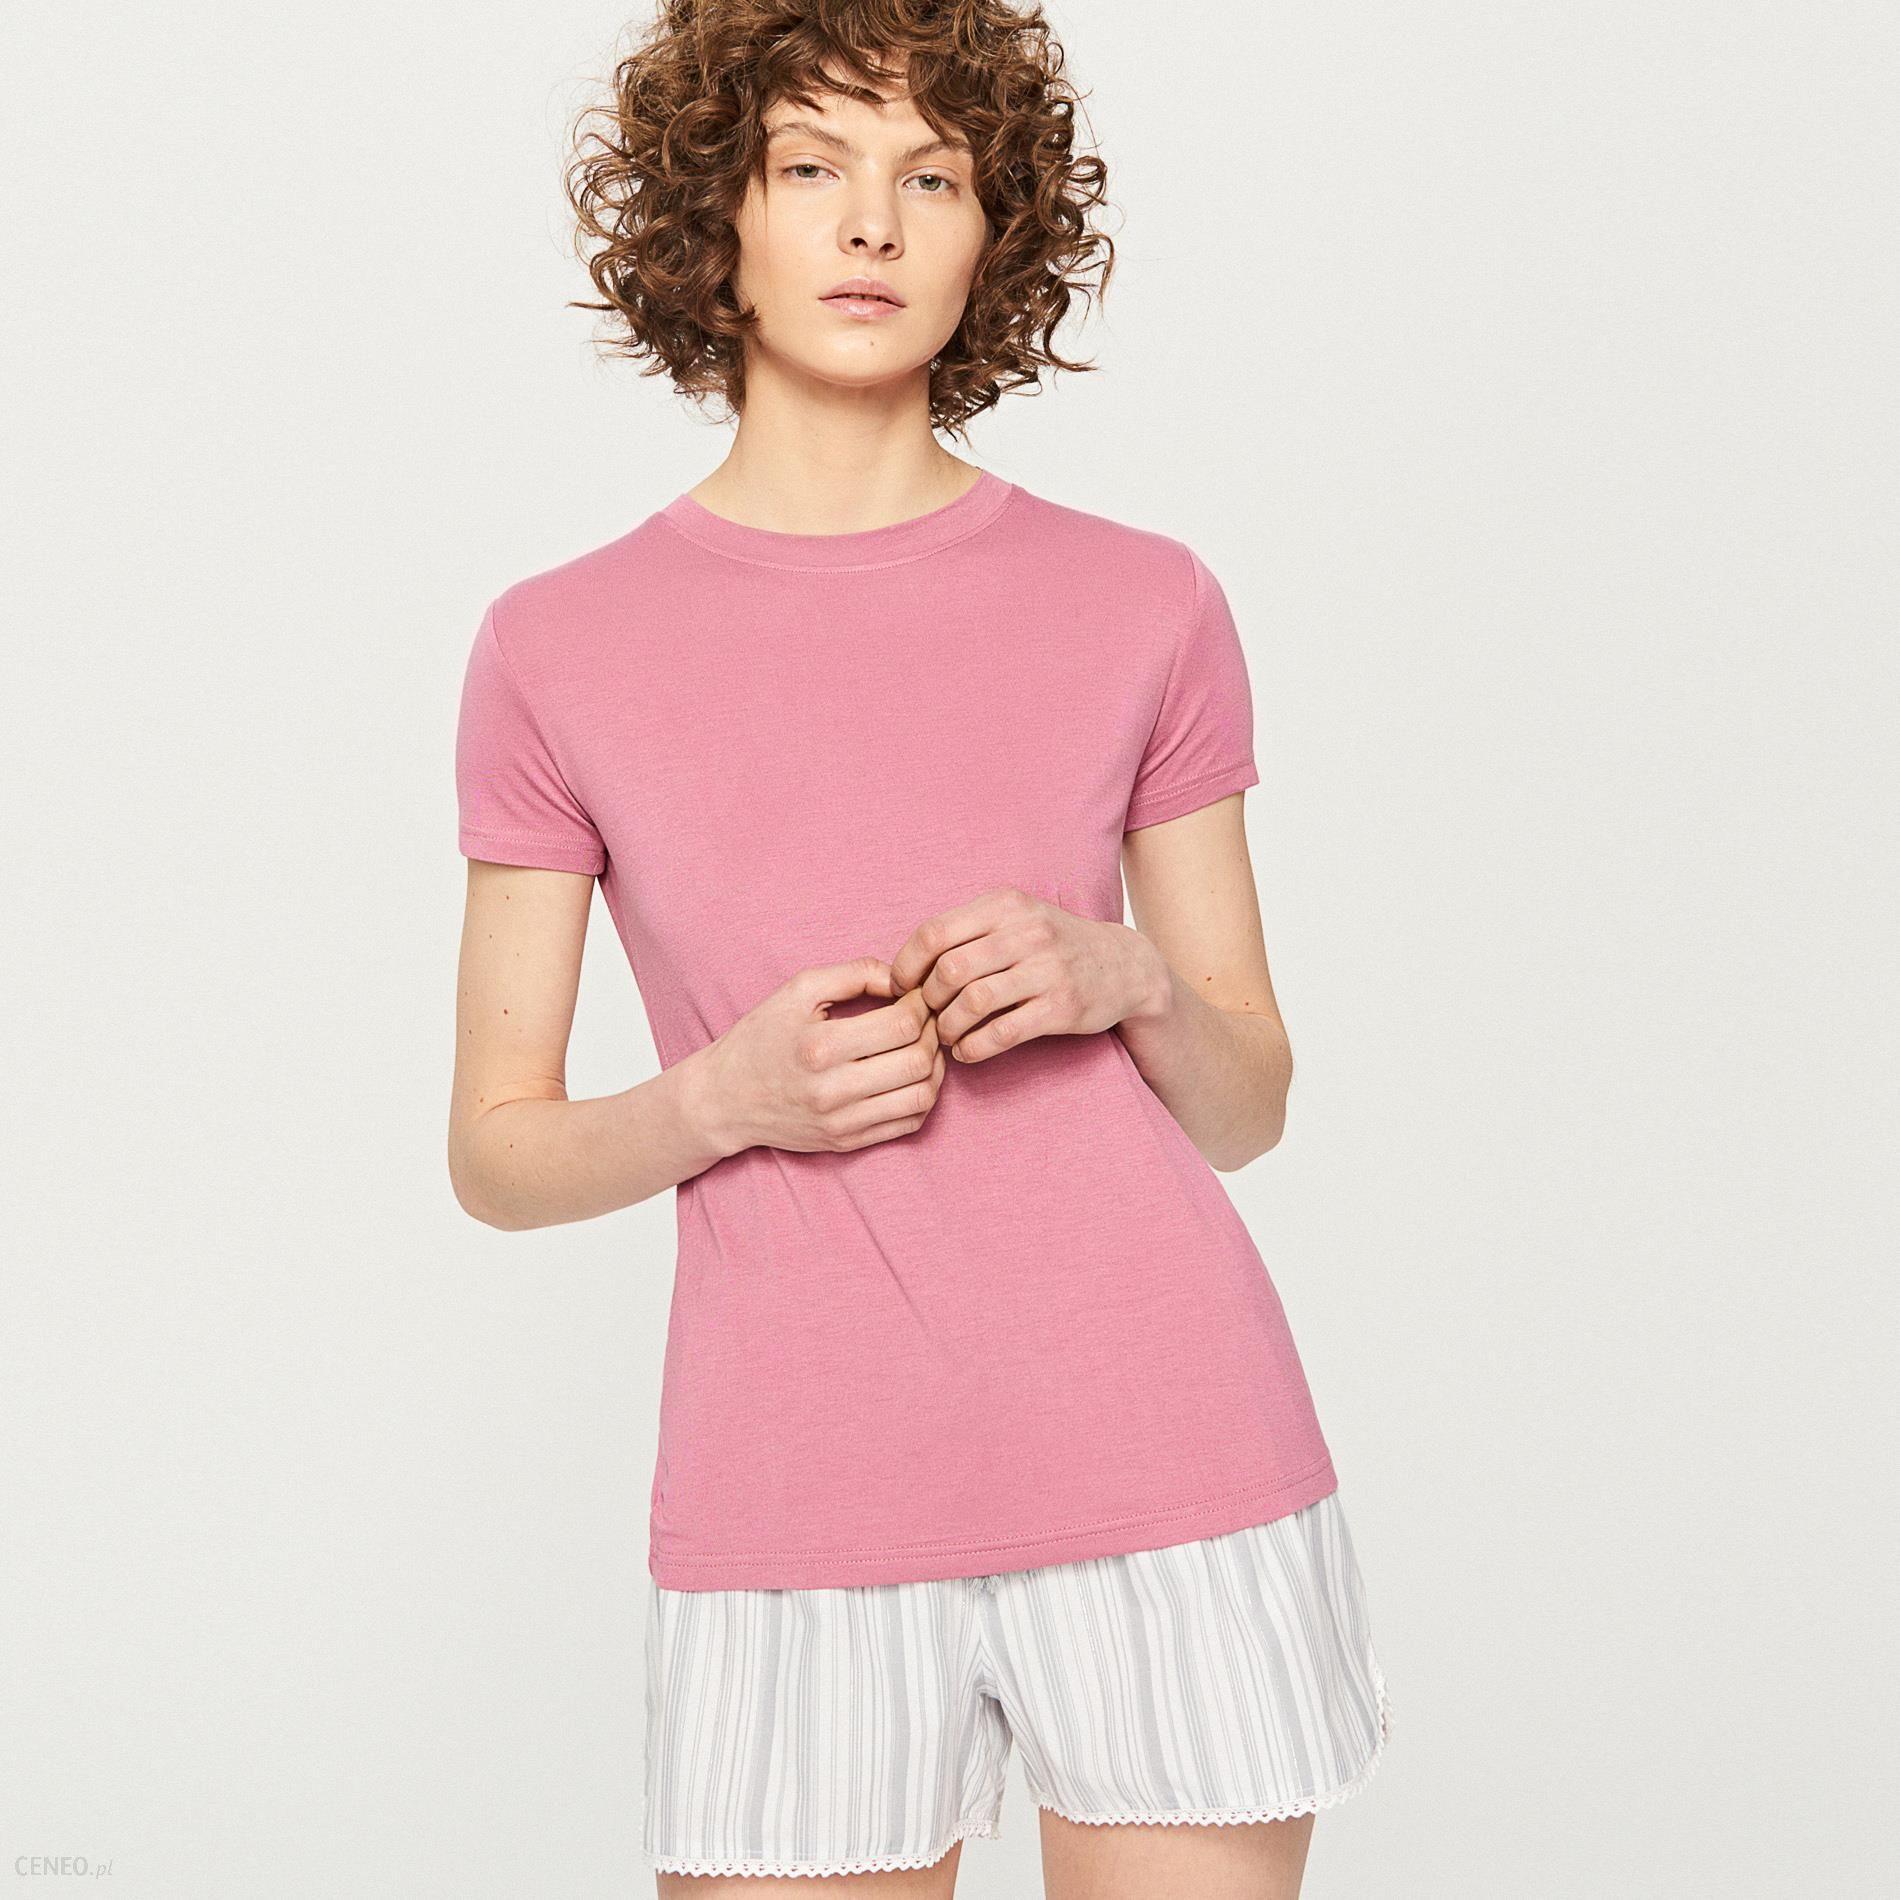 7b01de5a5d5ada Reserved - Dwuczęściowa piżama - Różowy - Ceny i opinie - Ceneo.pl